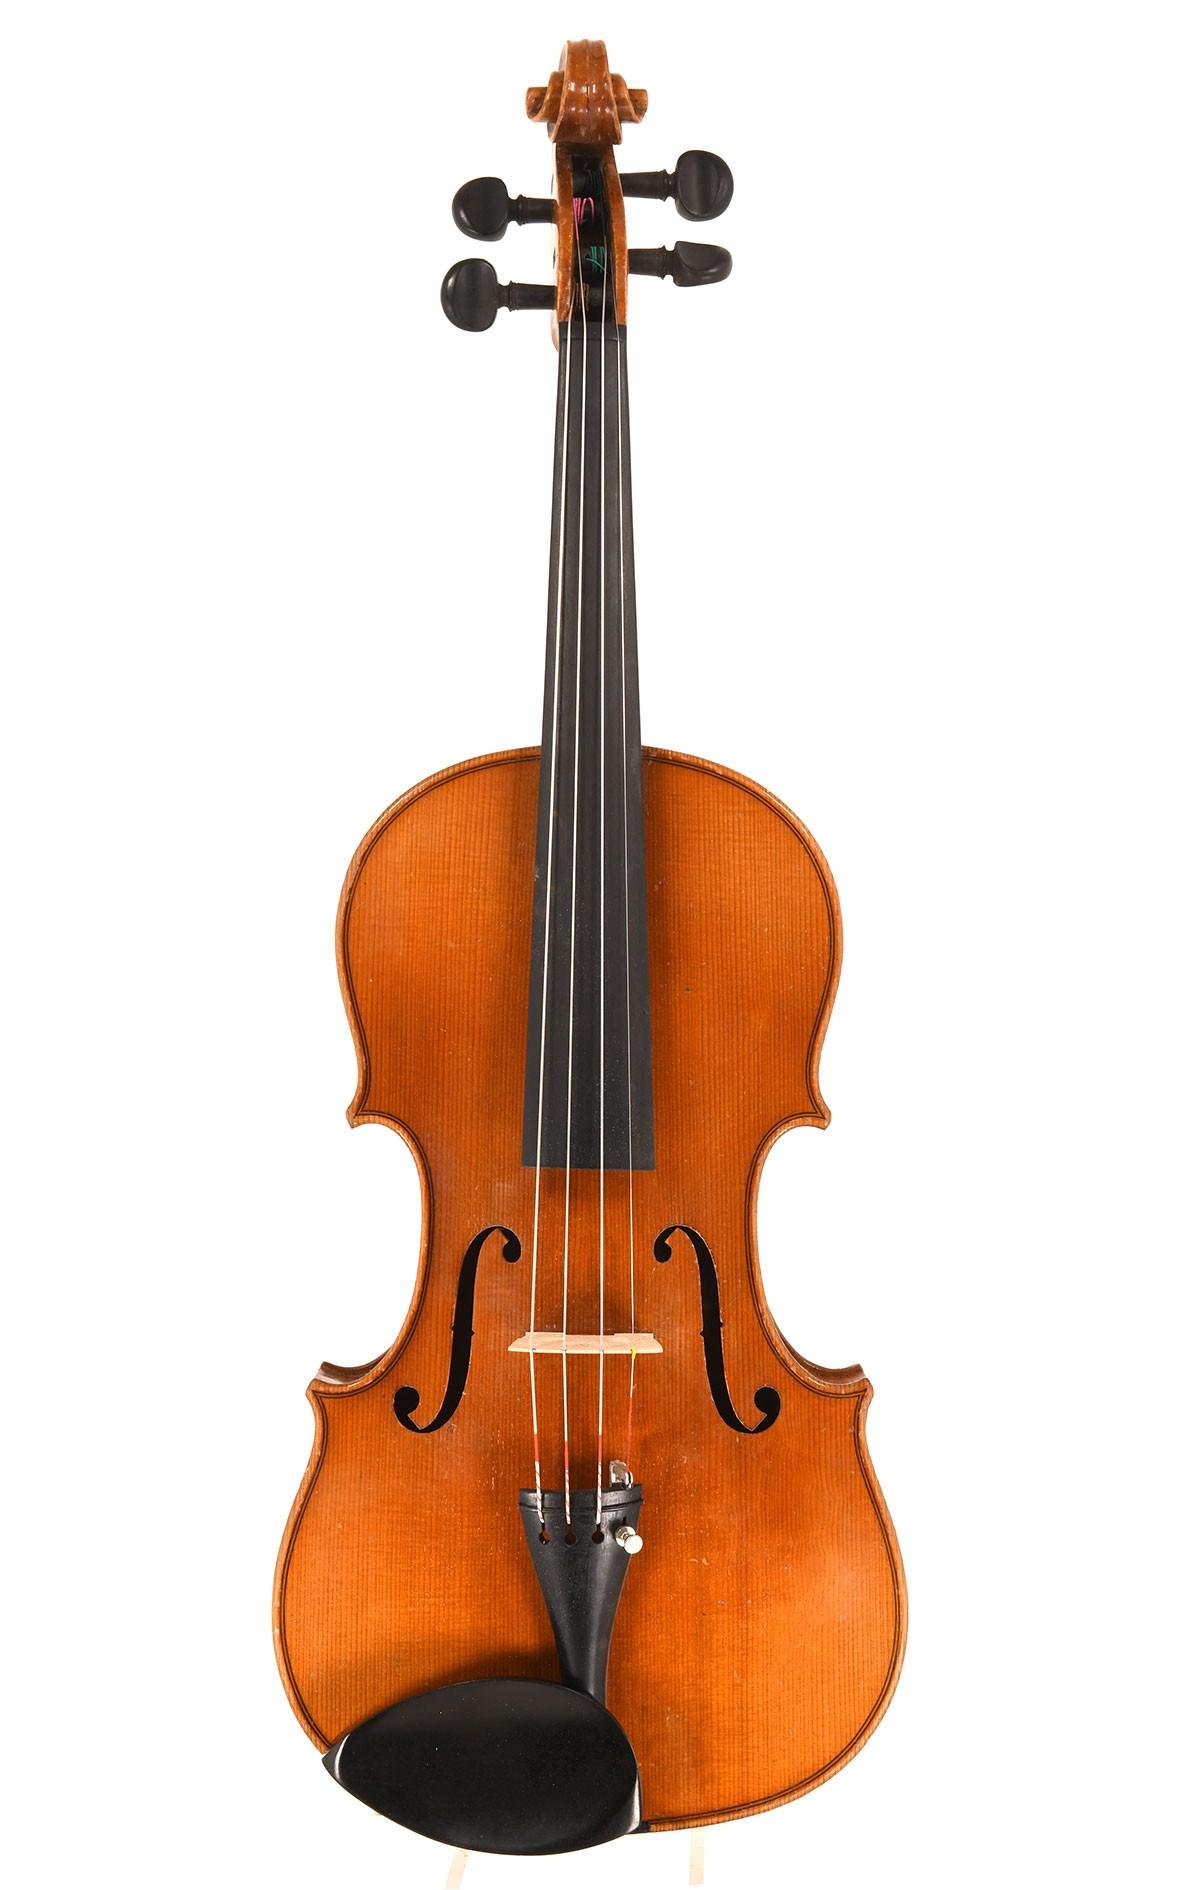 Vieux violon de Markneukirchen, vers 1940